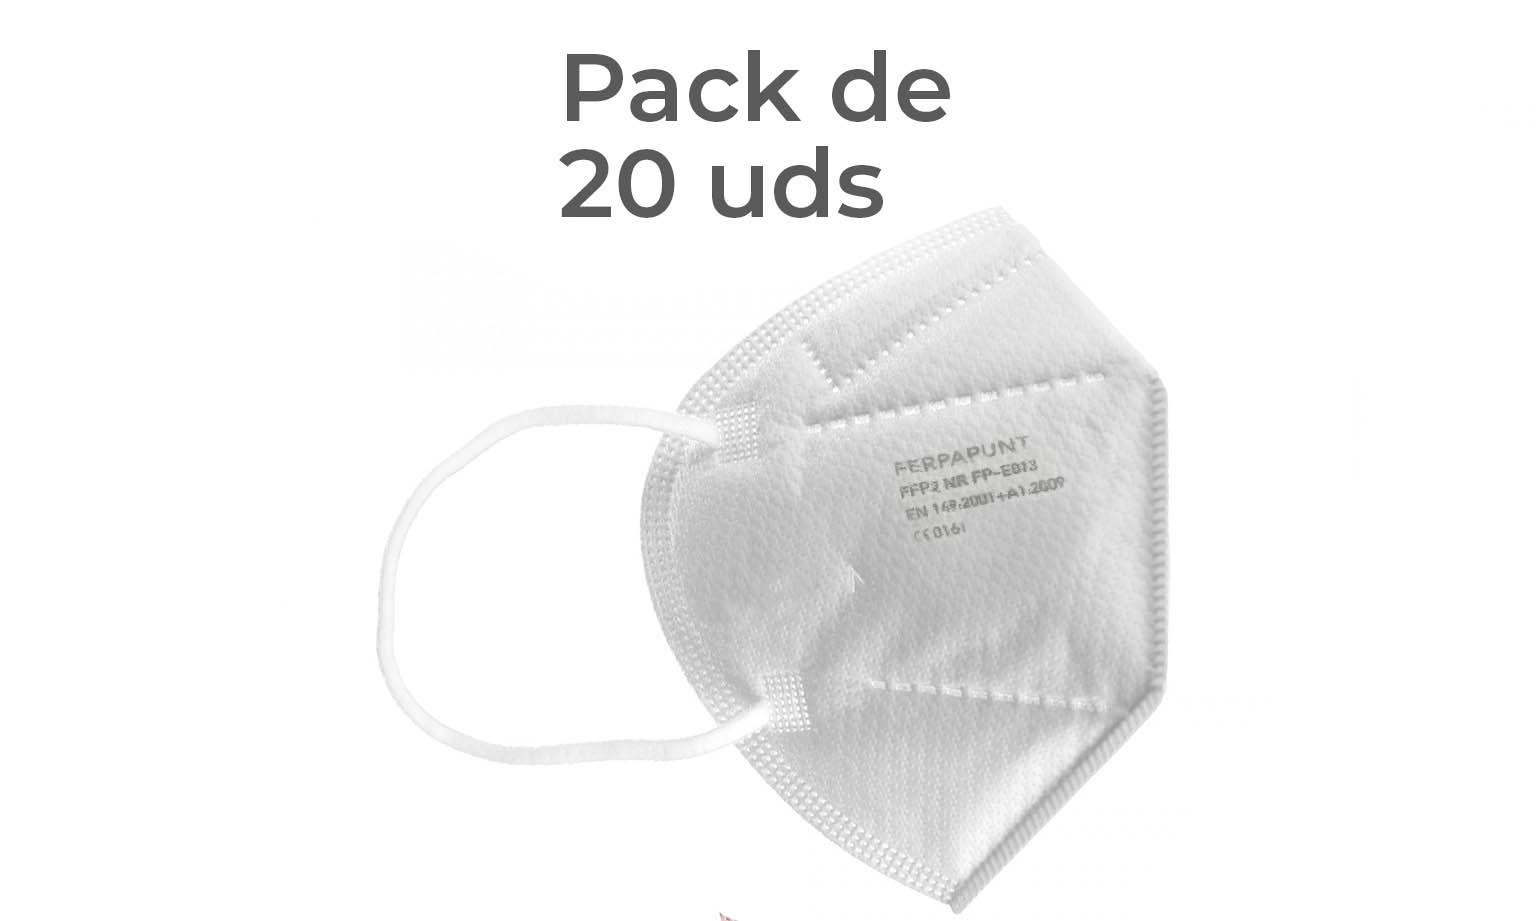 FFP2 NR Ferpa Punt Pack 20